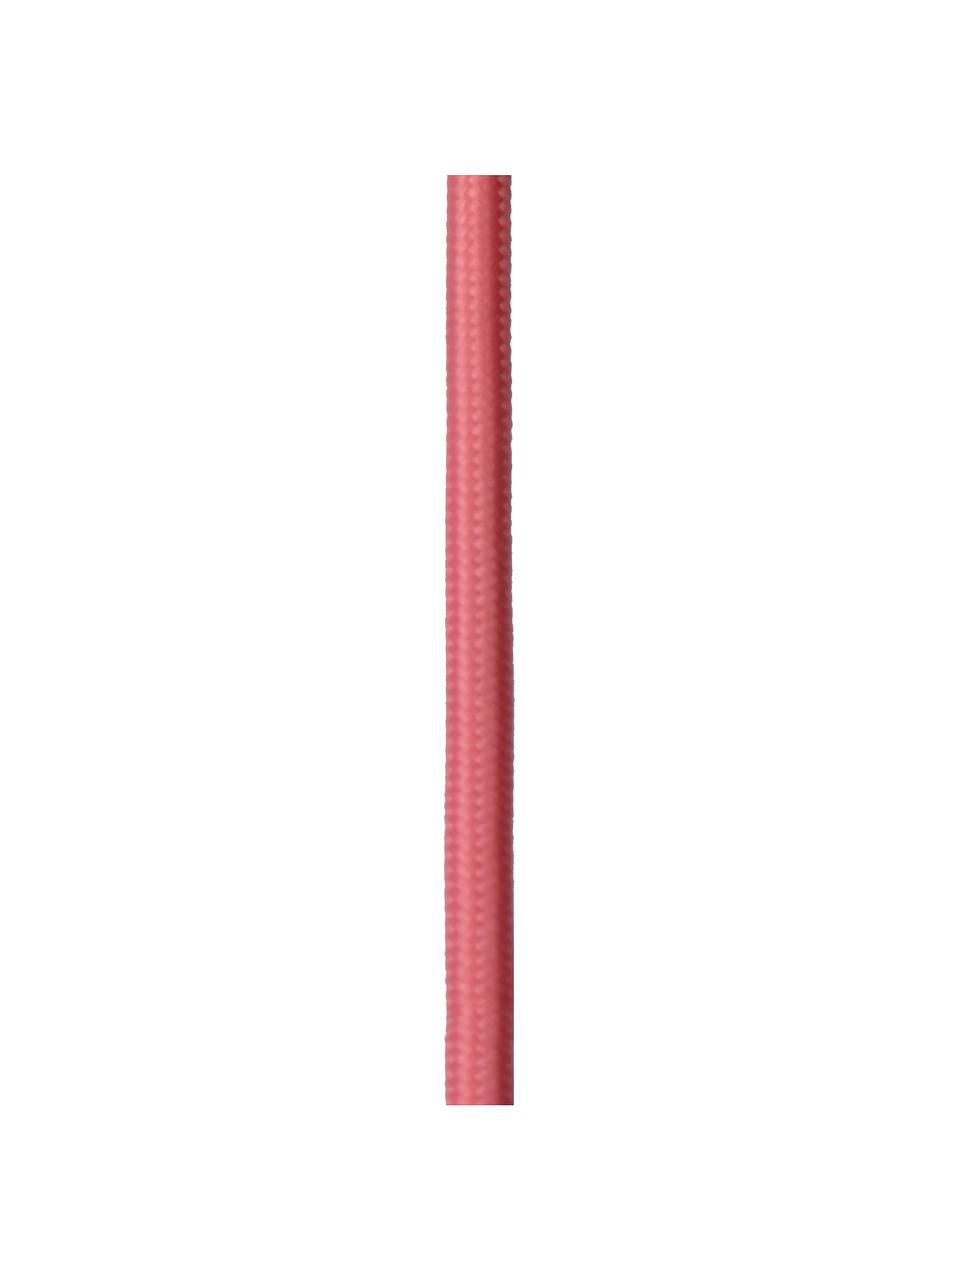 Wandleuchte Paulien mit Stecker, Rosa, Braun, 12 x 22 cm